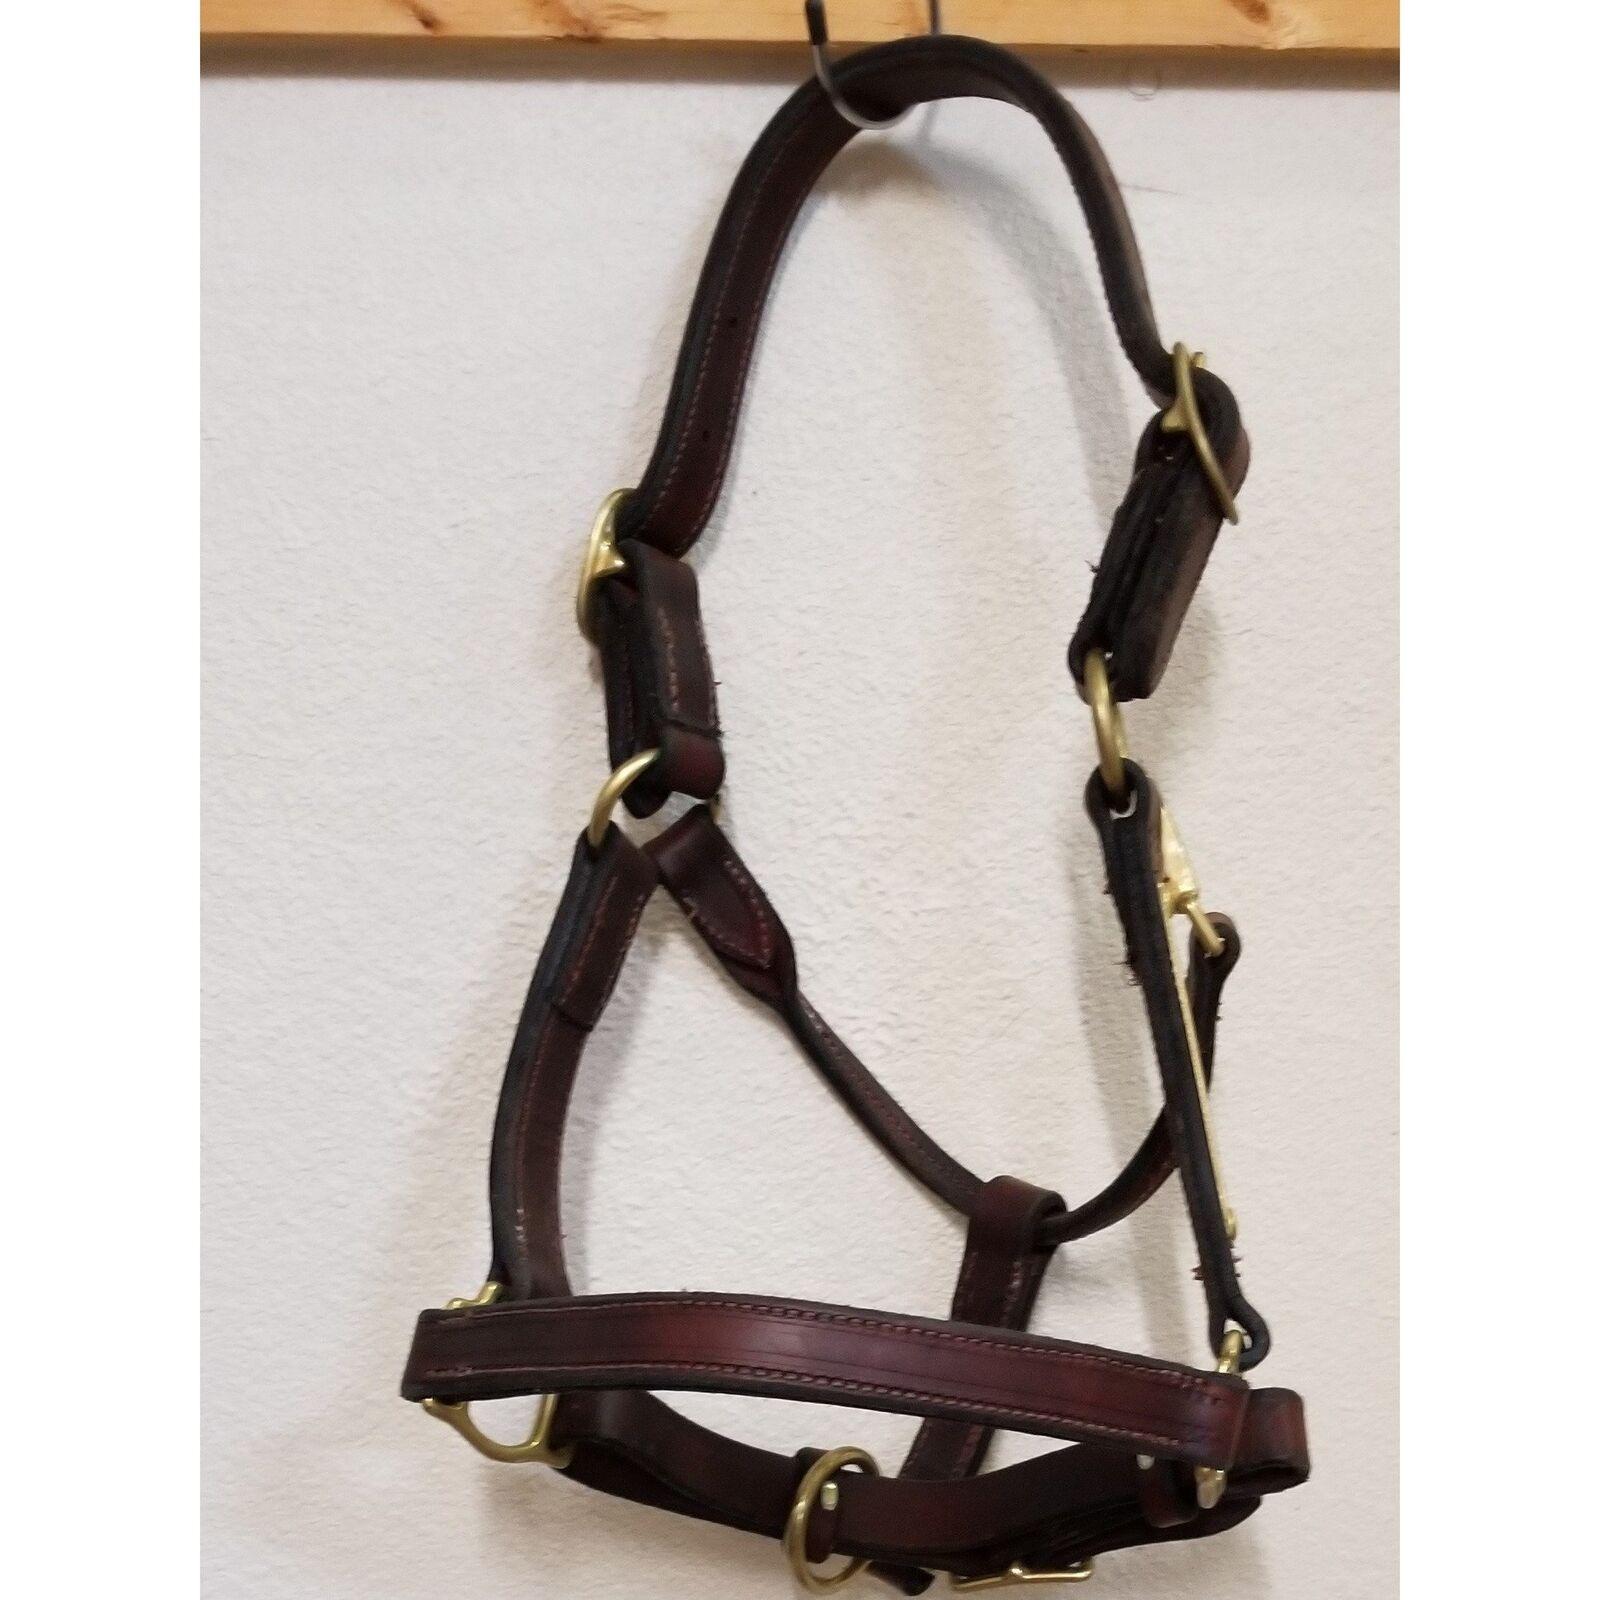 Leather halter fits regular horse bundle  of 2 Halters  55.00  save 50%-75%off